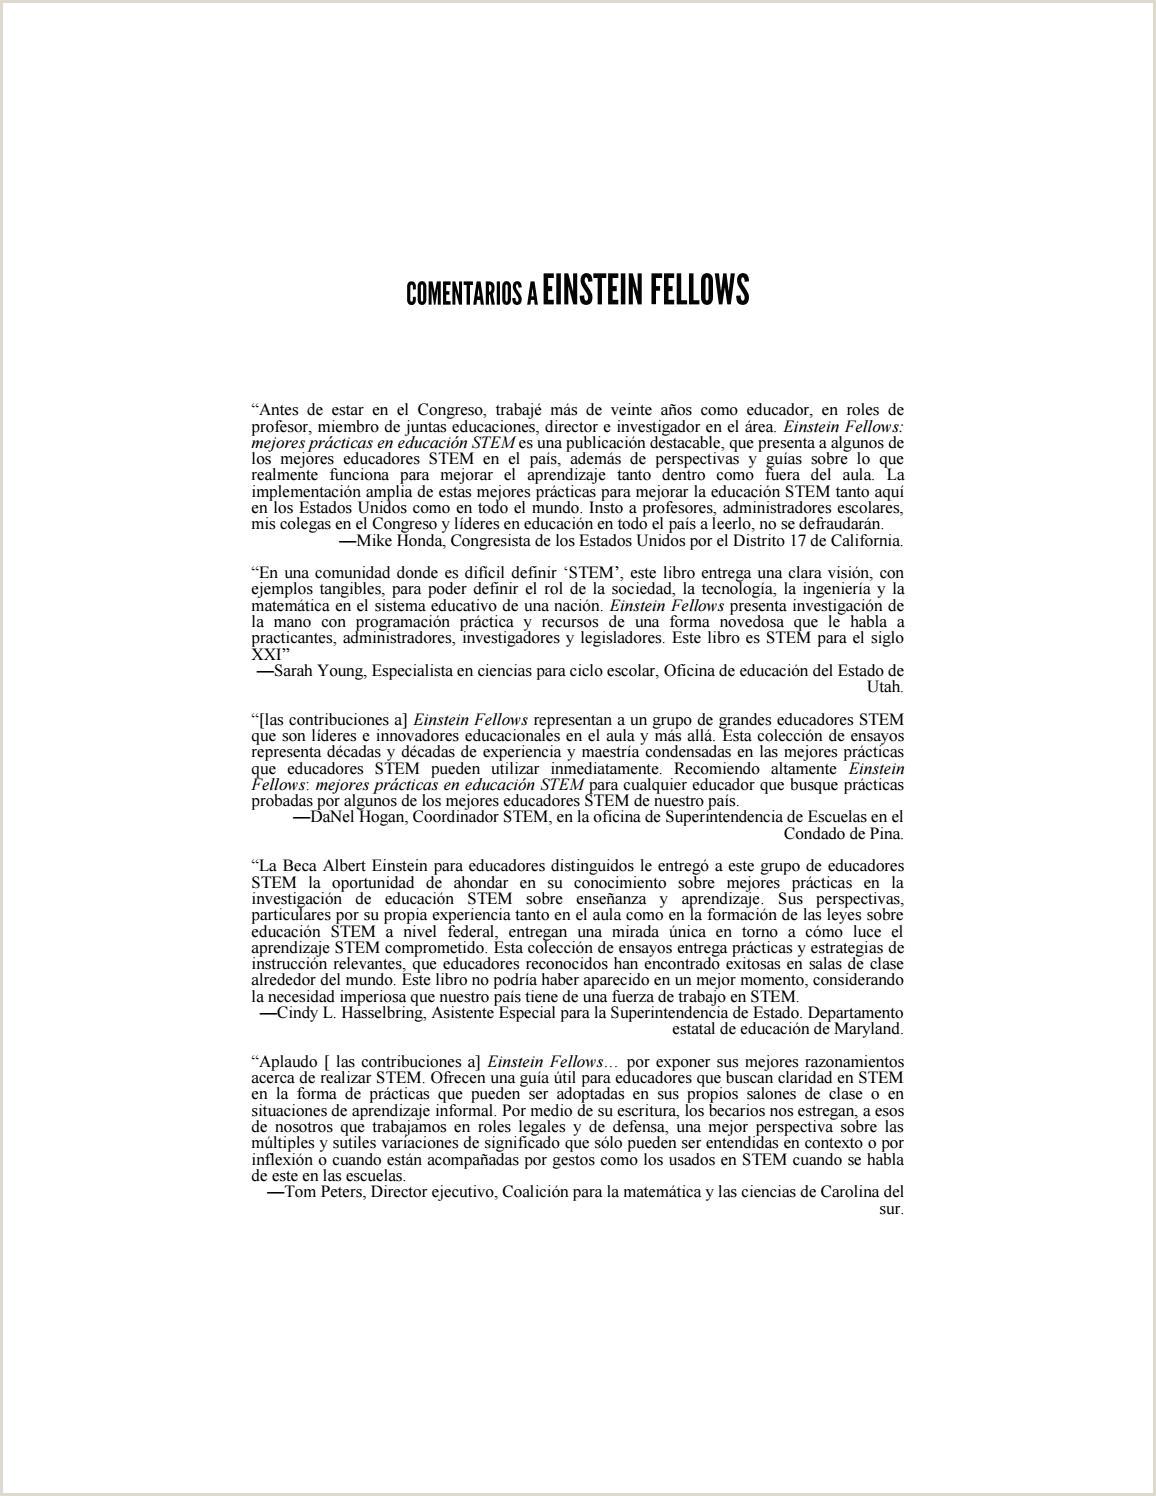 Formato Hoja De Vida Licenciada En Preescolar Einstein Fellows Mejores Prácticas En Educaci³n Stem by